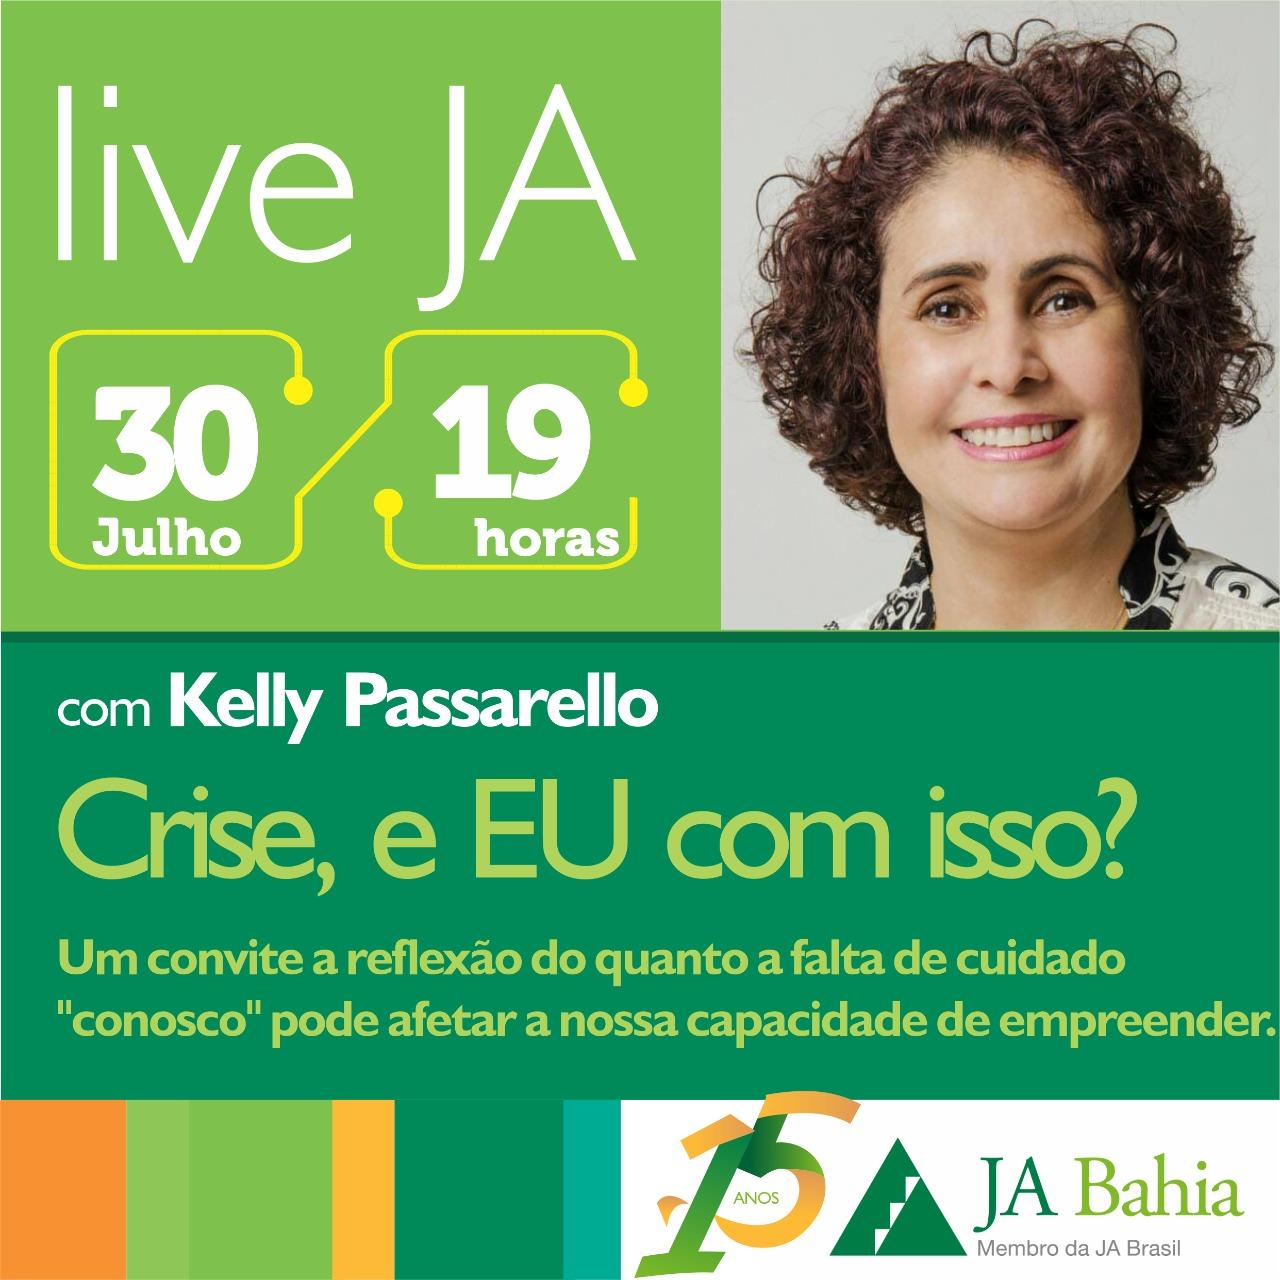 #LIVEJA com Kelly Passarello